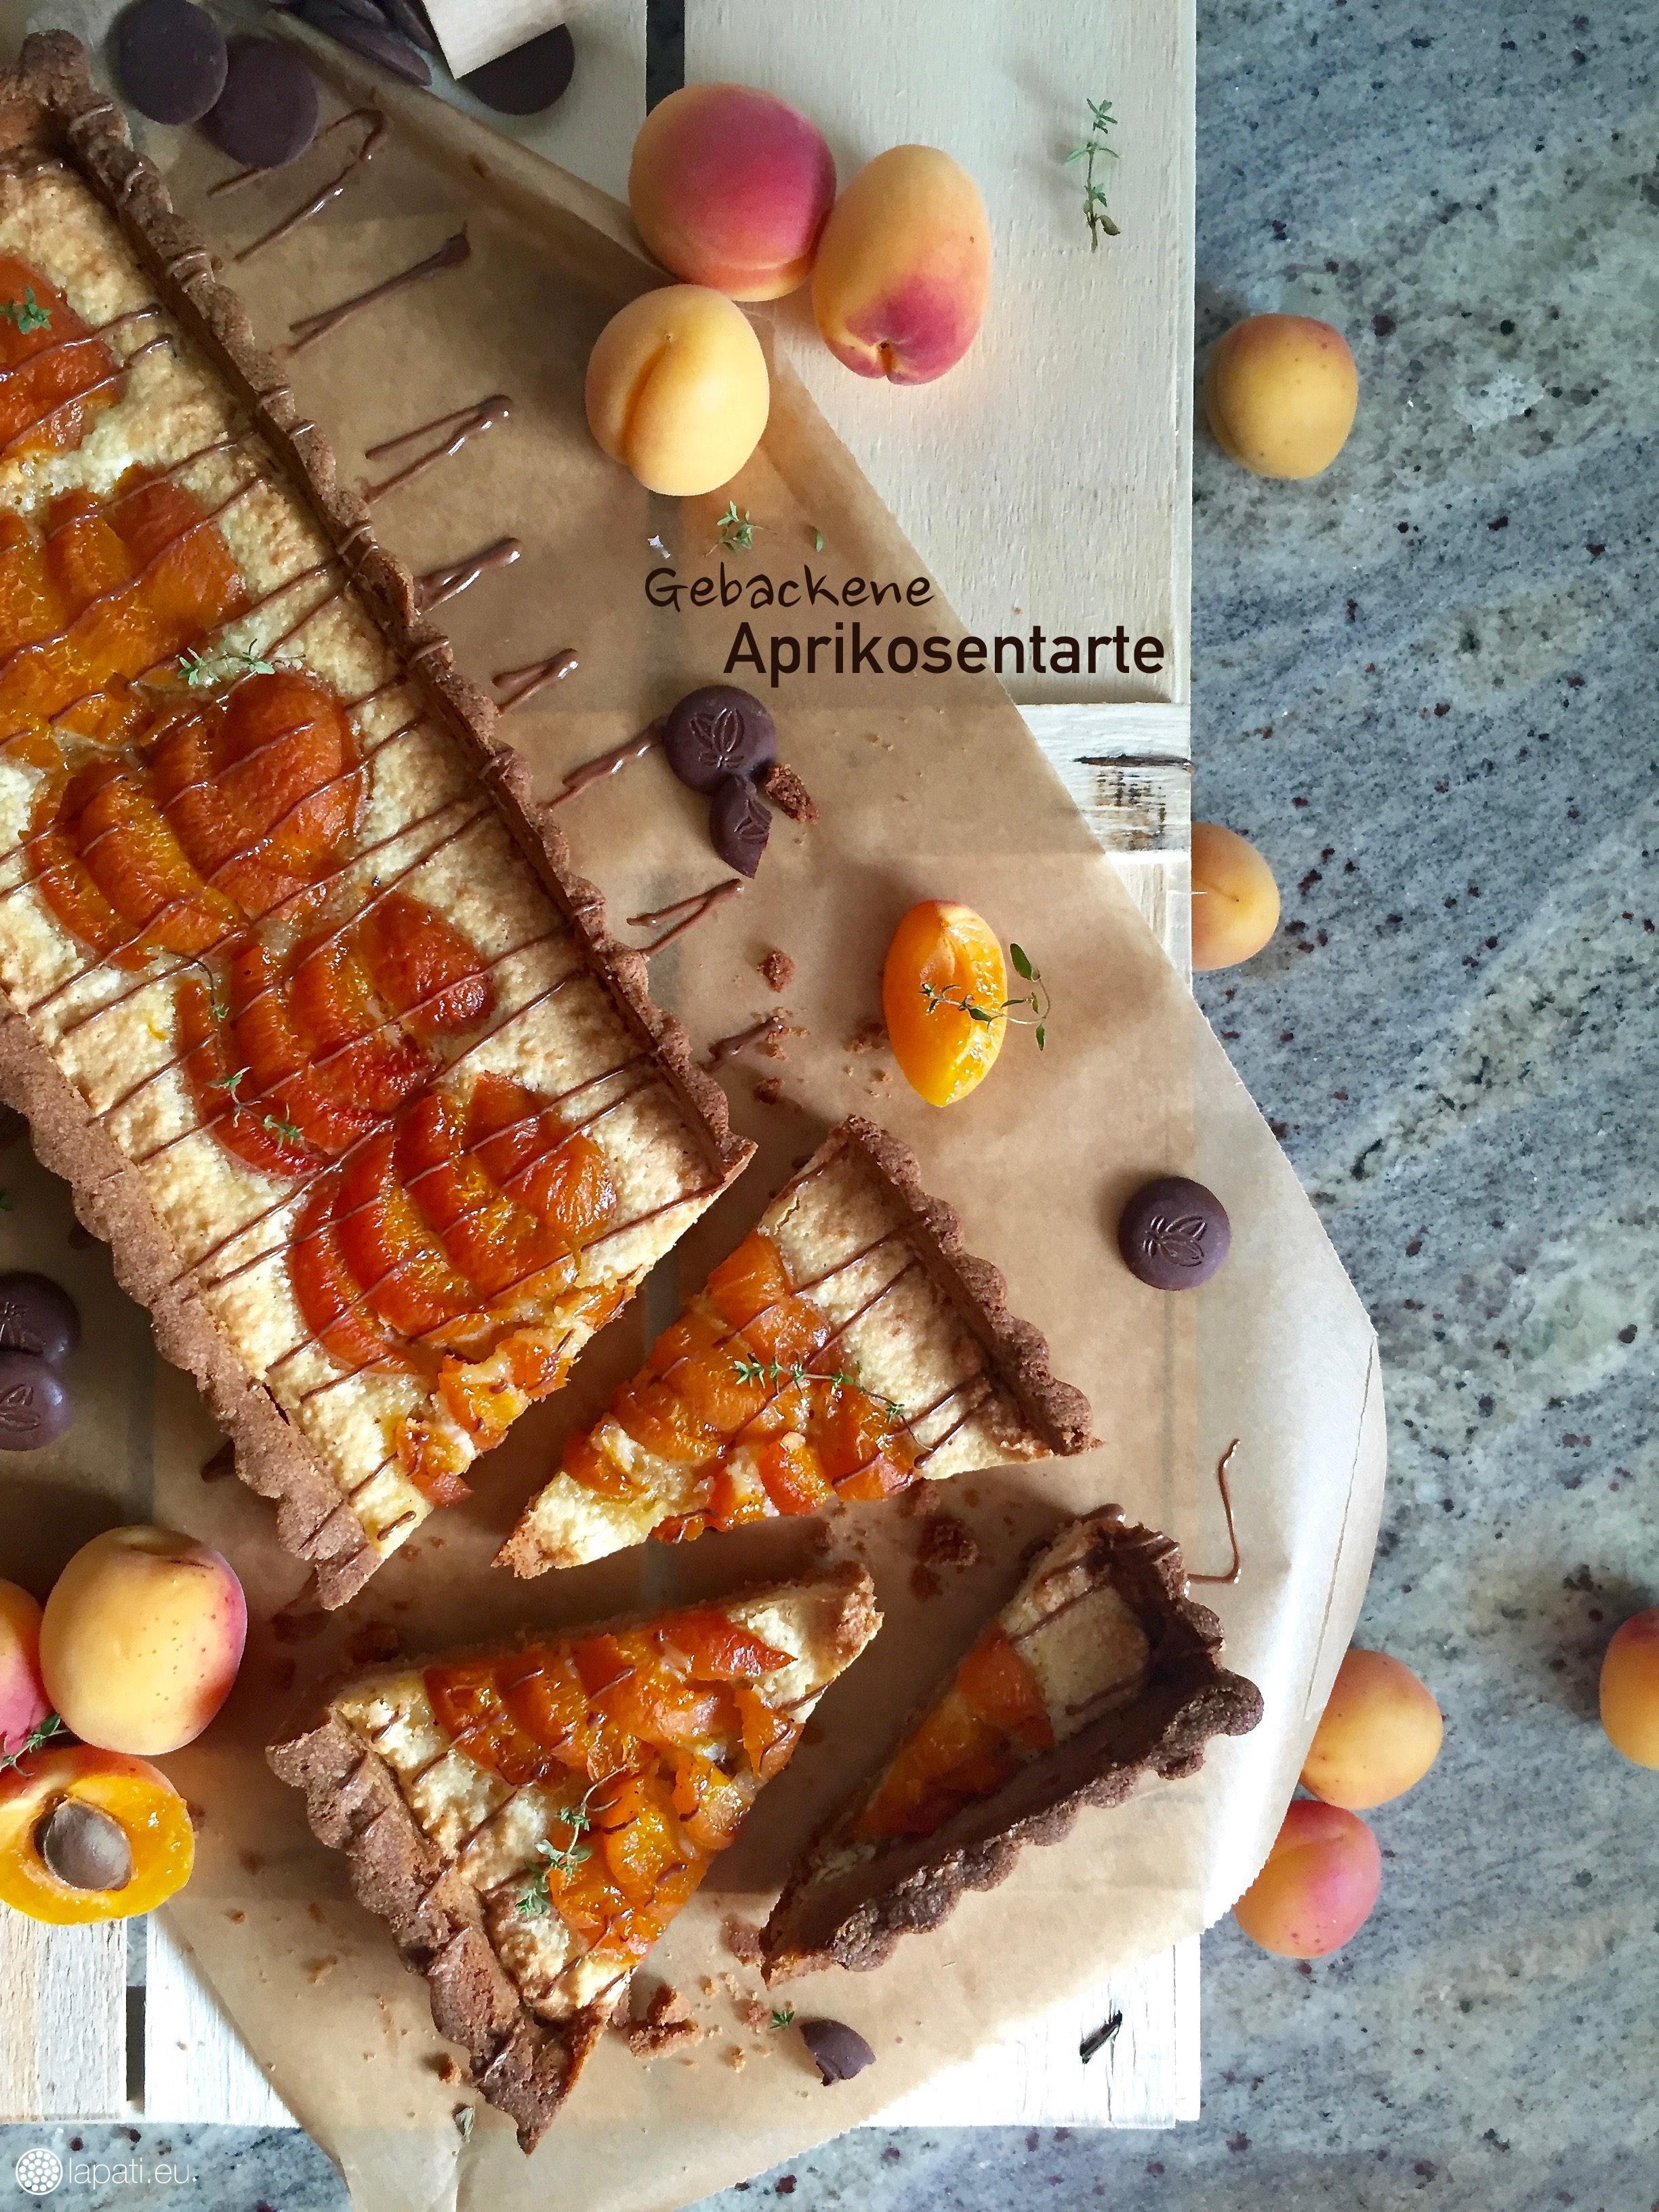 Oh ja. Eine gebackene Aprikosentarte oder -kuchen ist immer eine feine Sache. Dieser hier kommt auch noch mit Schokolade daher.